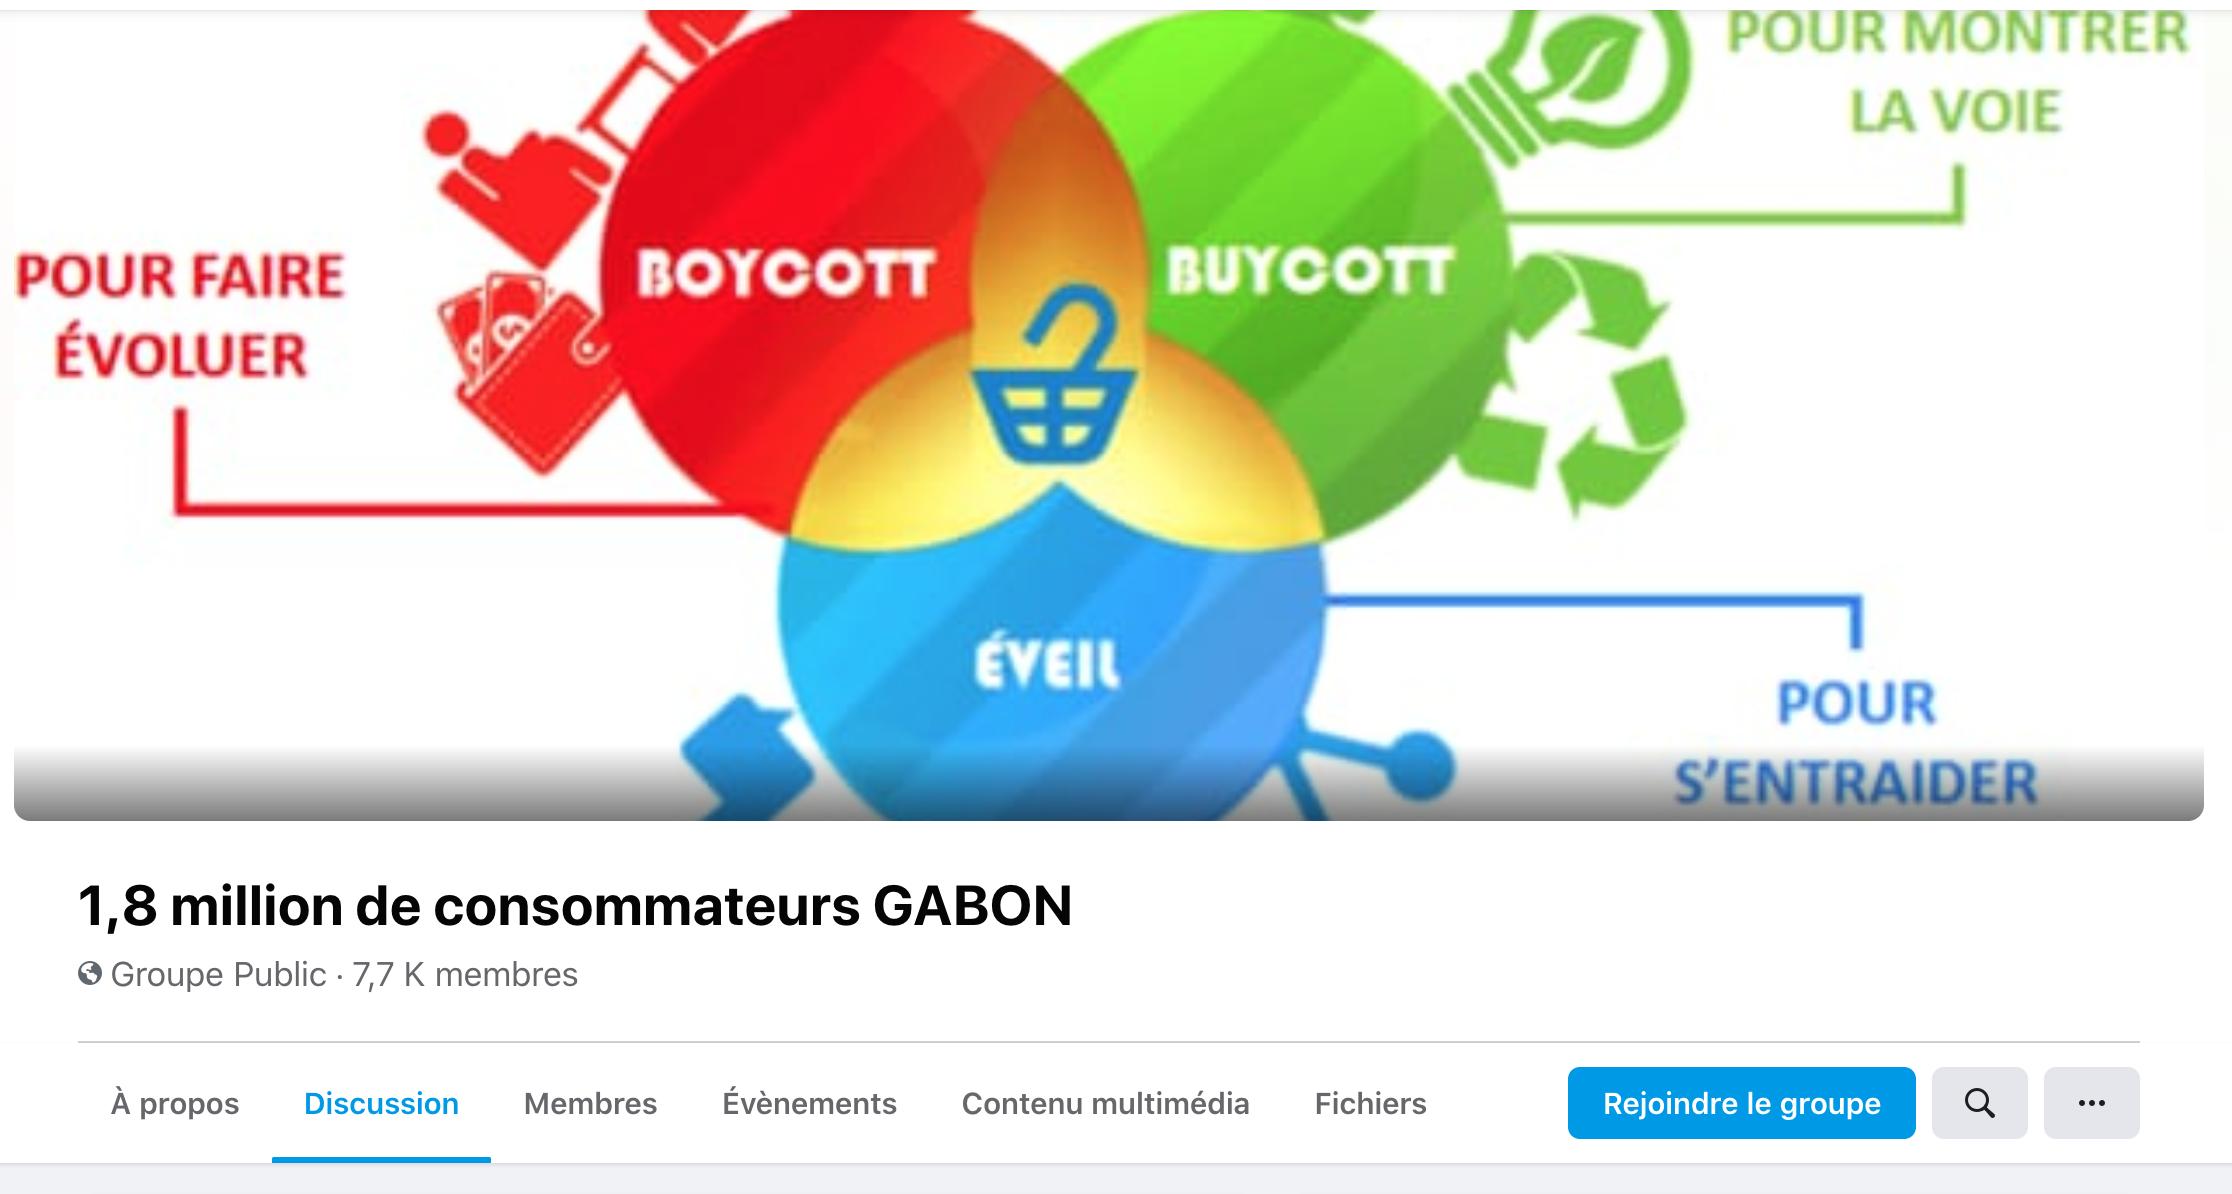 1,8 million de consommateurs Gabon